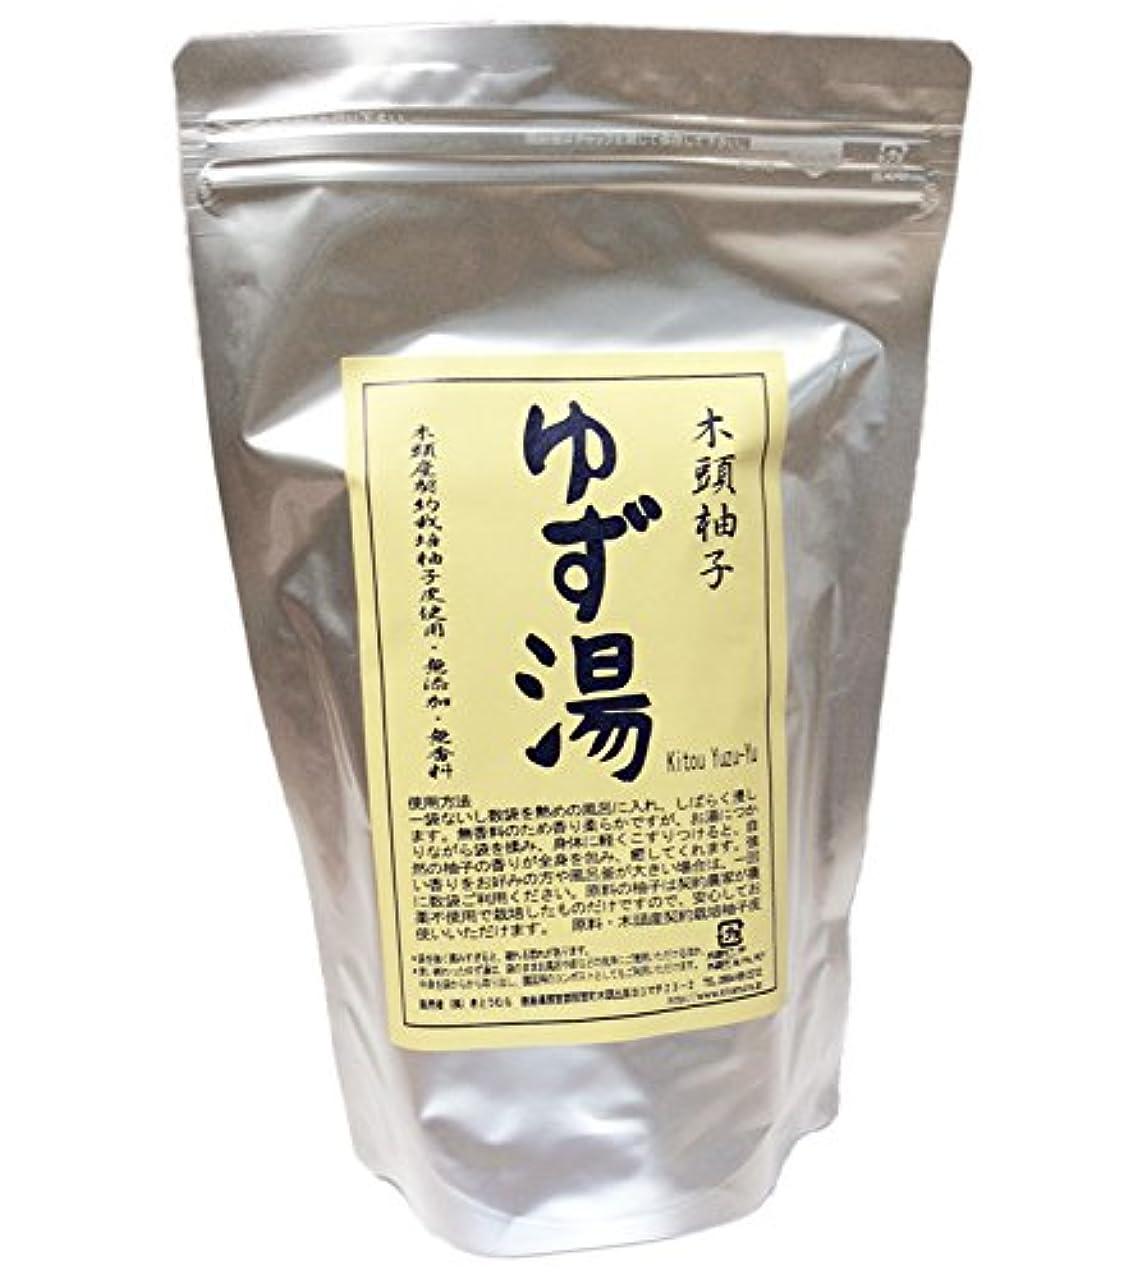 貝殻レギュラーミサイルきとうむら オーガニック 木頭柚子ゆず湯 (徳用) 30g×15パック入